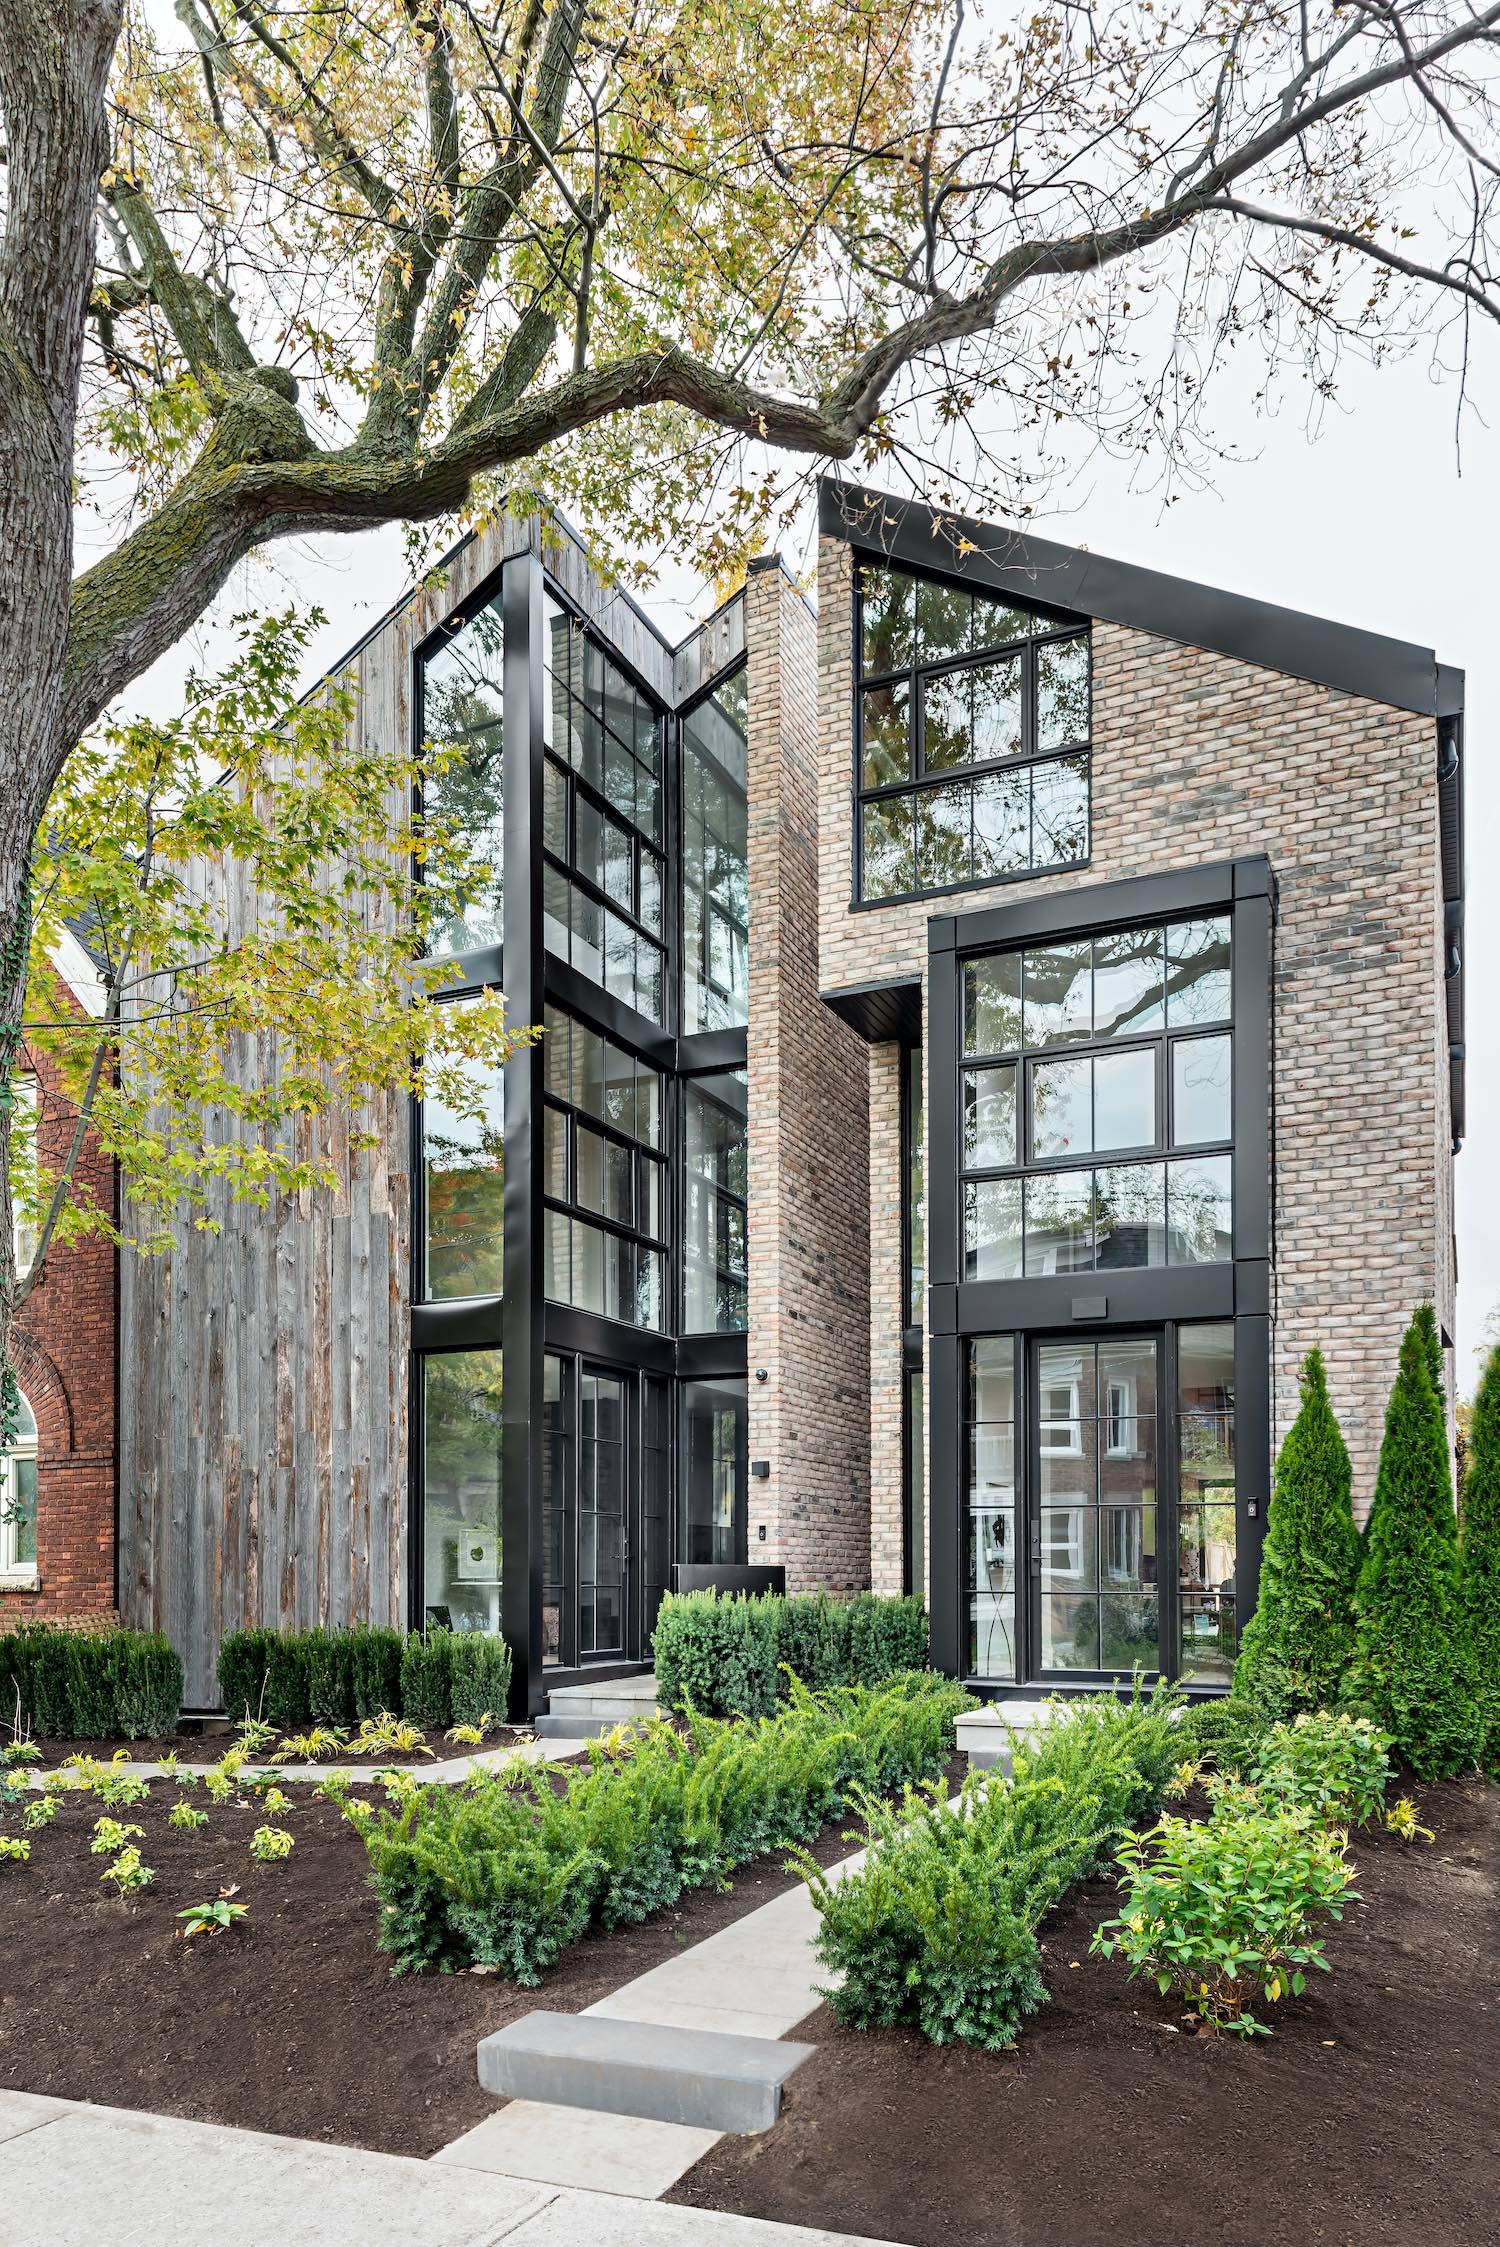 Sorauren 118 in Toronto, Canada by Ancerl Studio